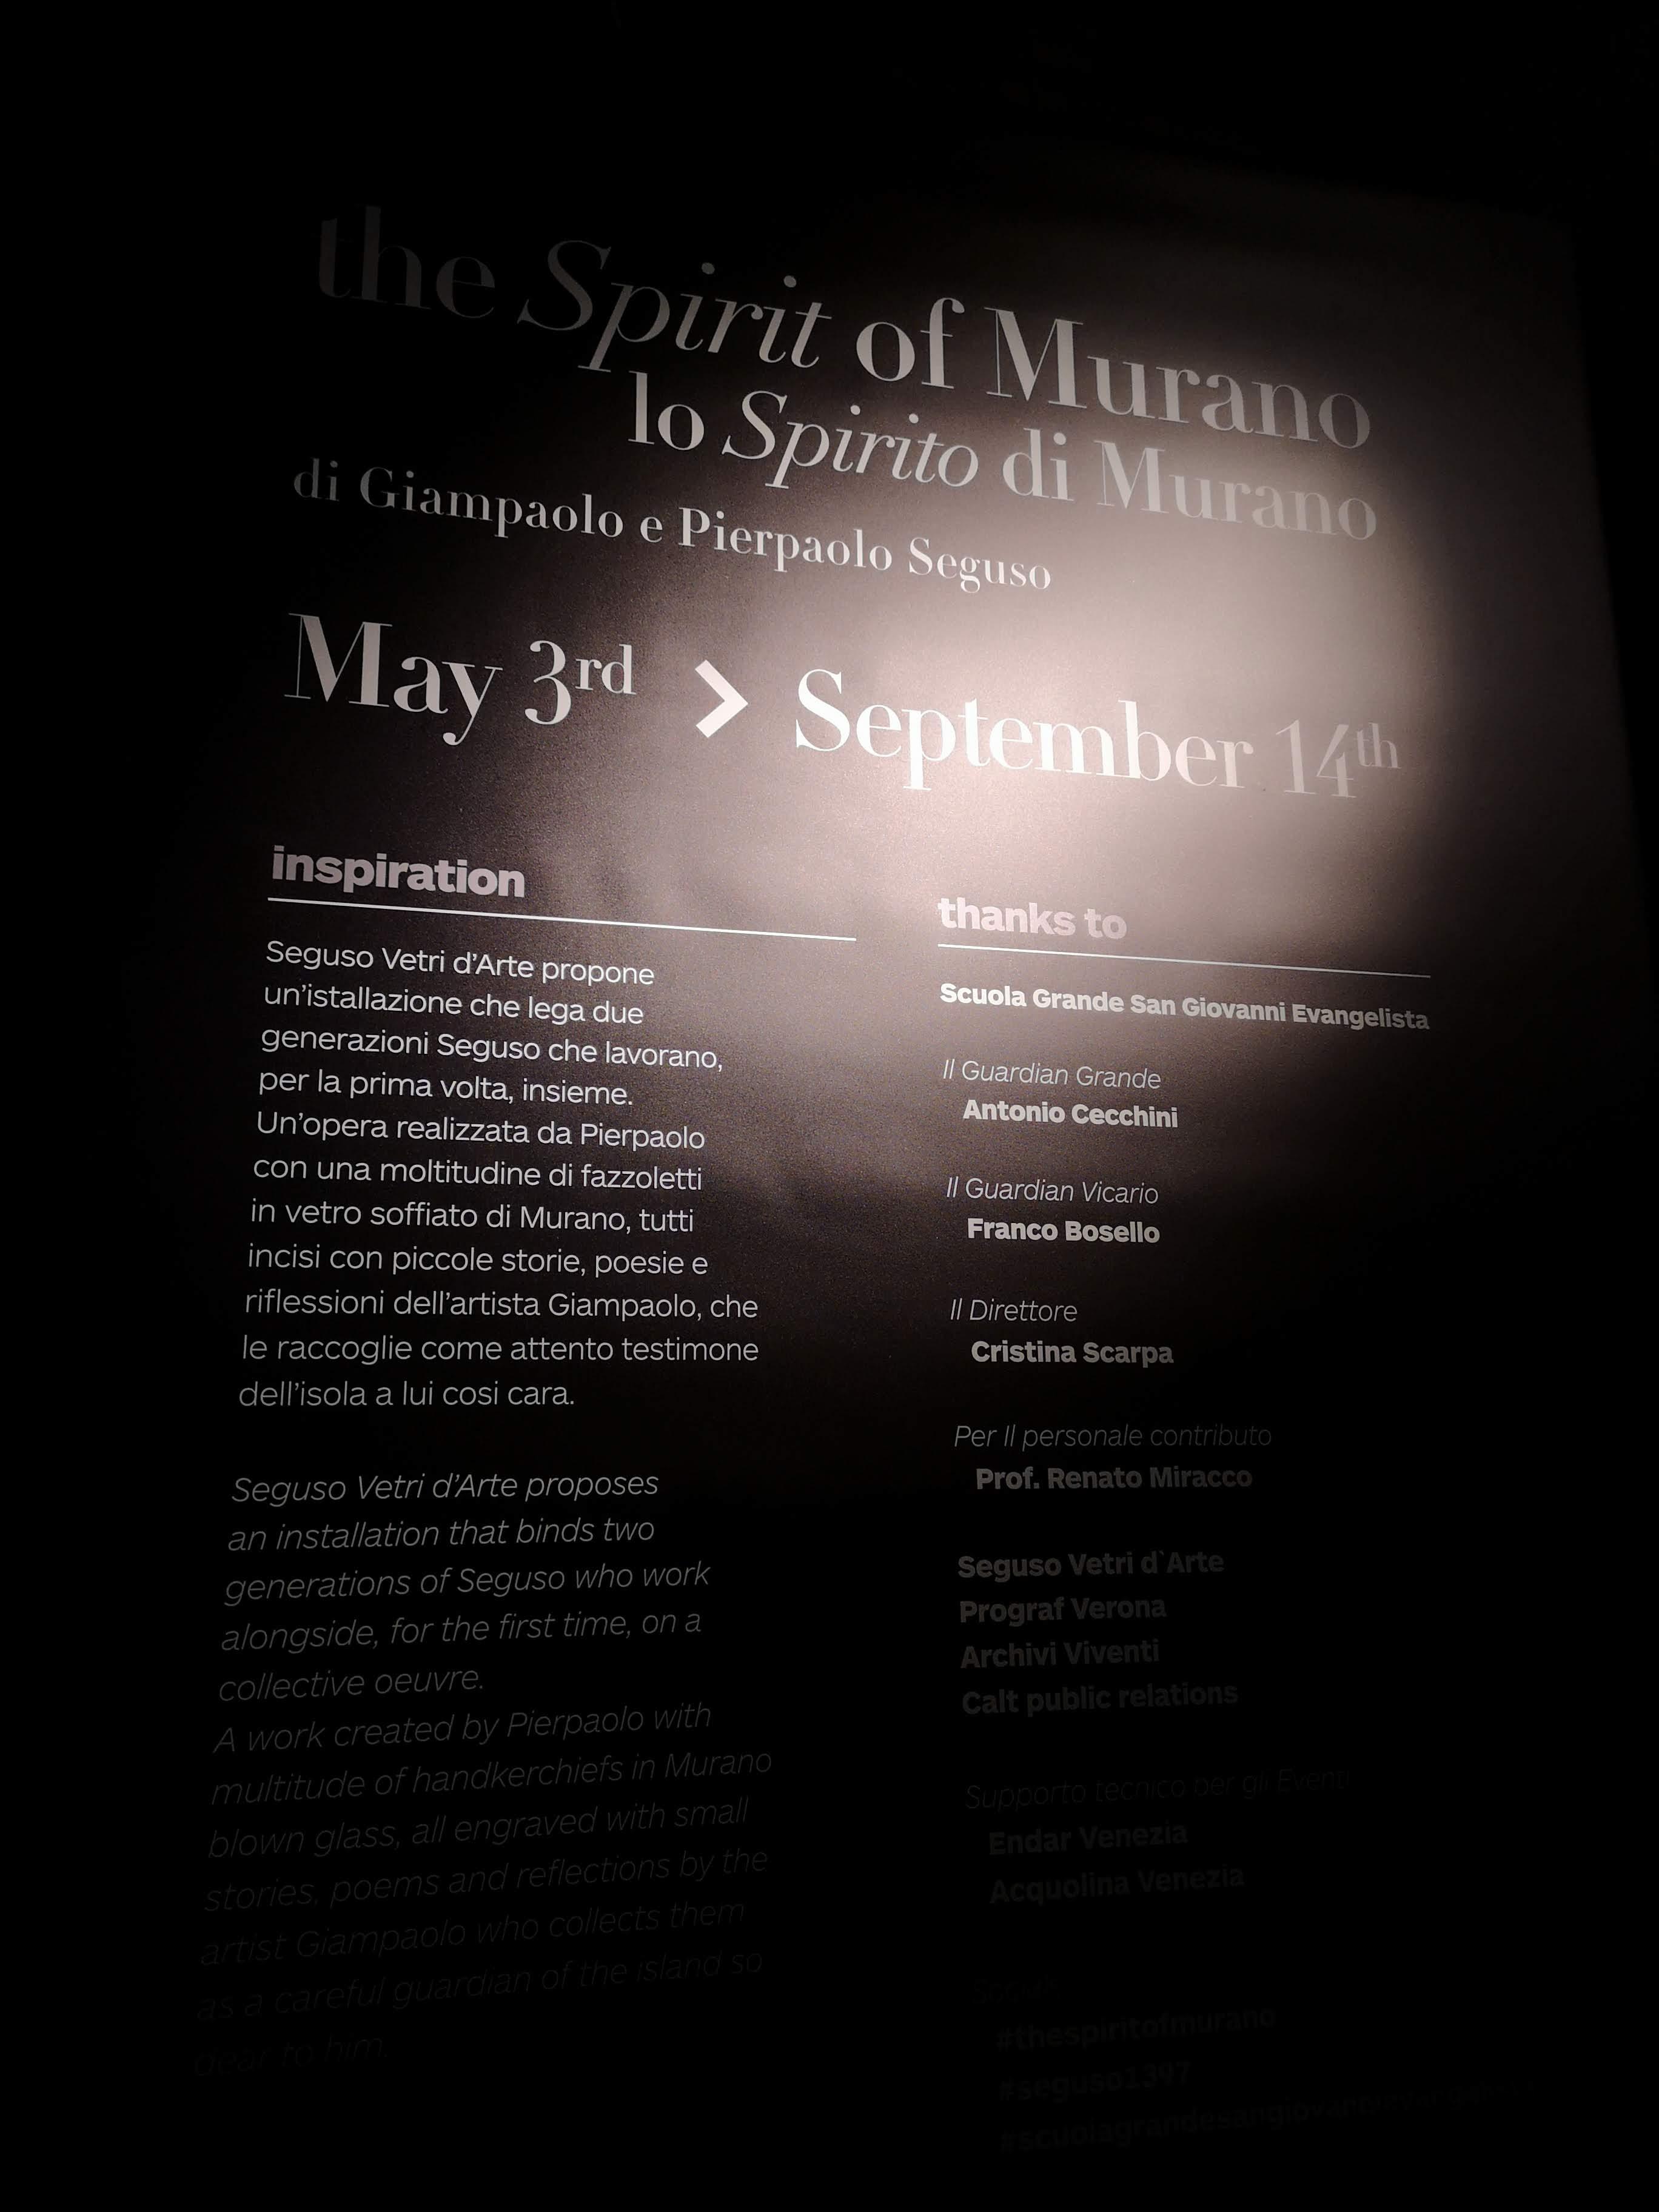 The Spirit of Murano